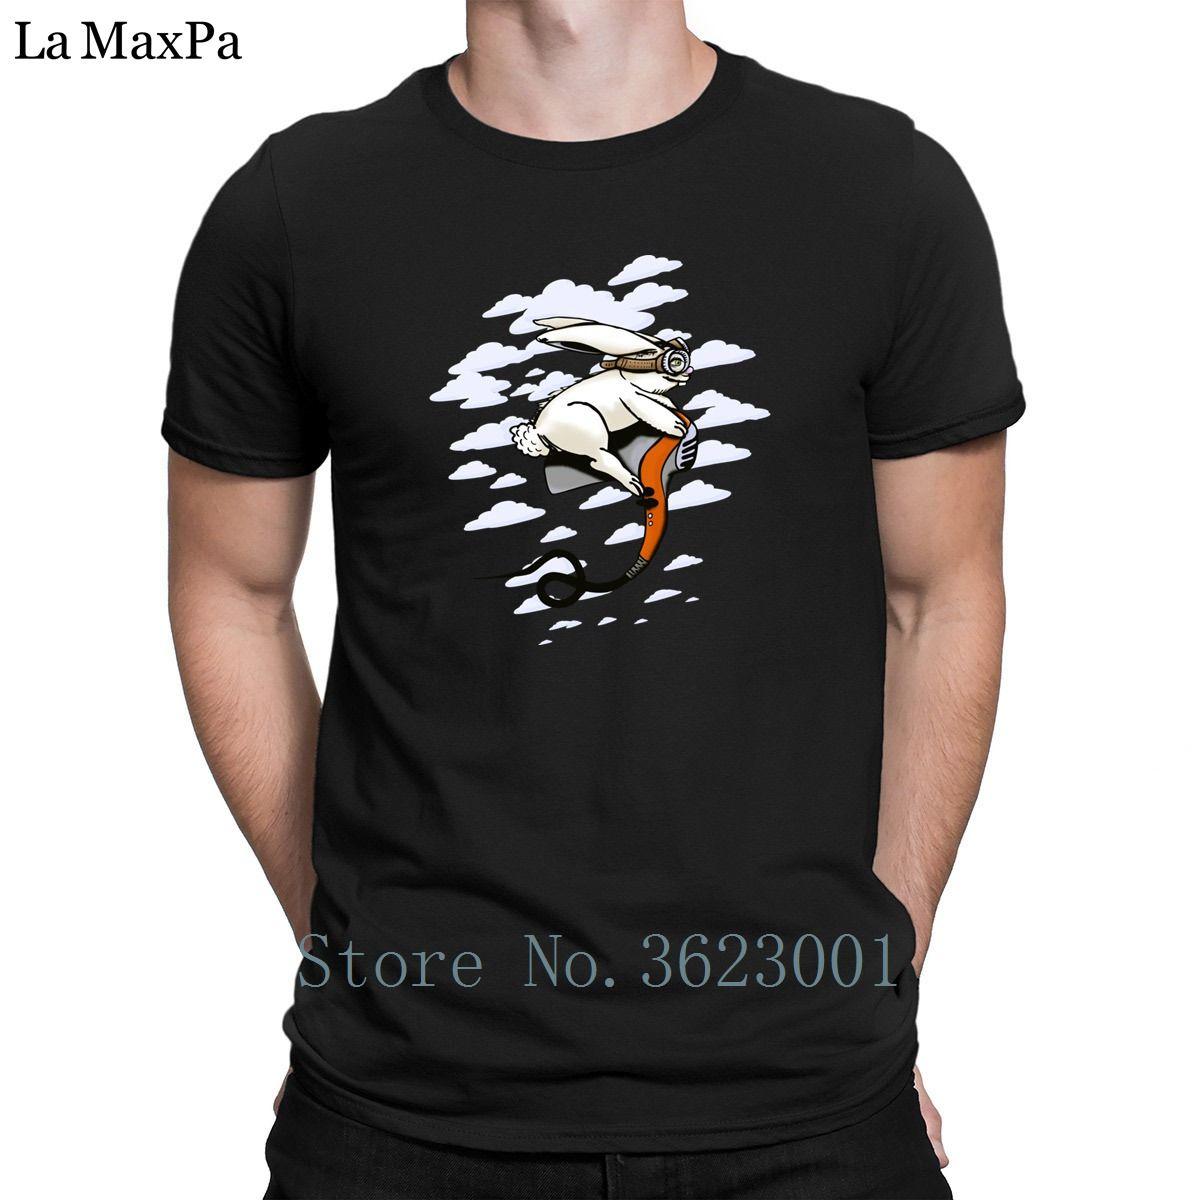 Baskı Boş Tee Gömlek Hare Kurutucu Flyer Erkekler Tişört Moda 2018 Erkekler Tişörtlü Zeki Tee Gömlek Kaliteli Artı boyutu 3XL